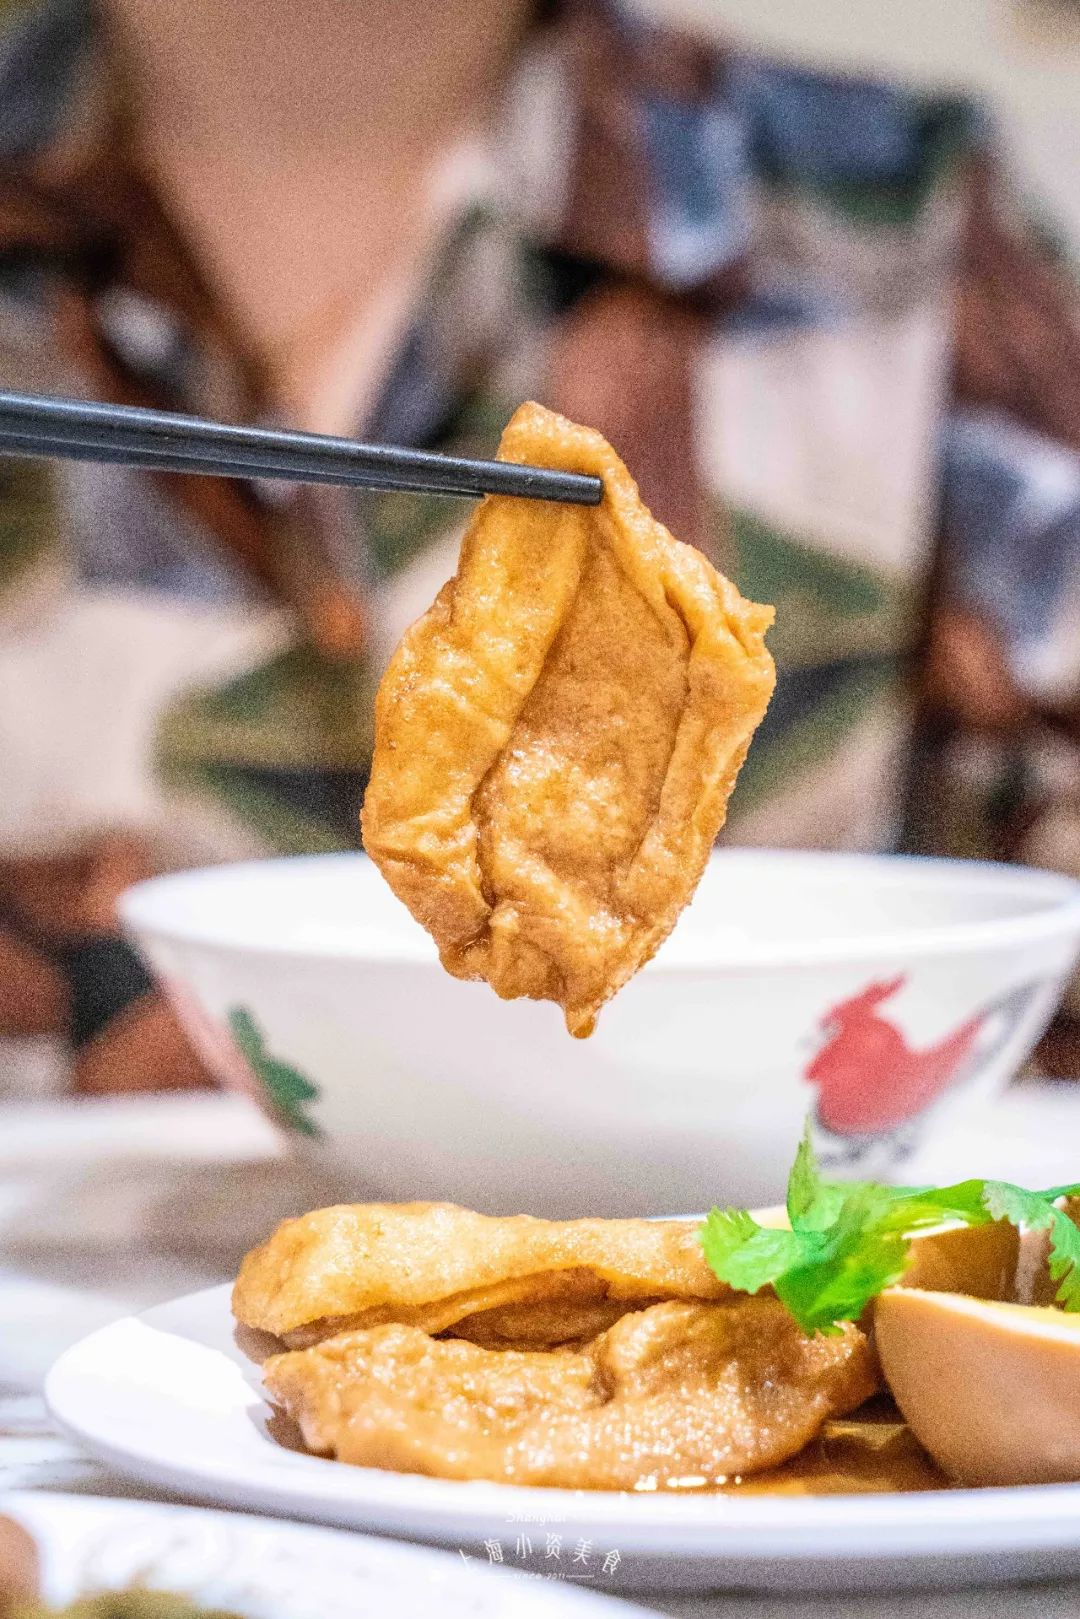 新加坡美食火了靠一碗碗热腾腾的肉骨茶打动了多数门客